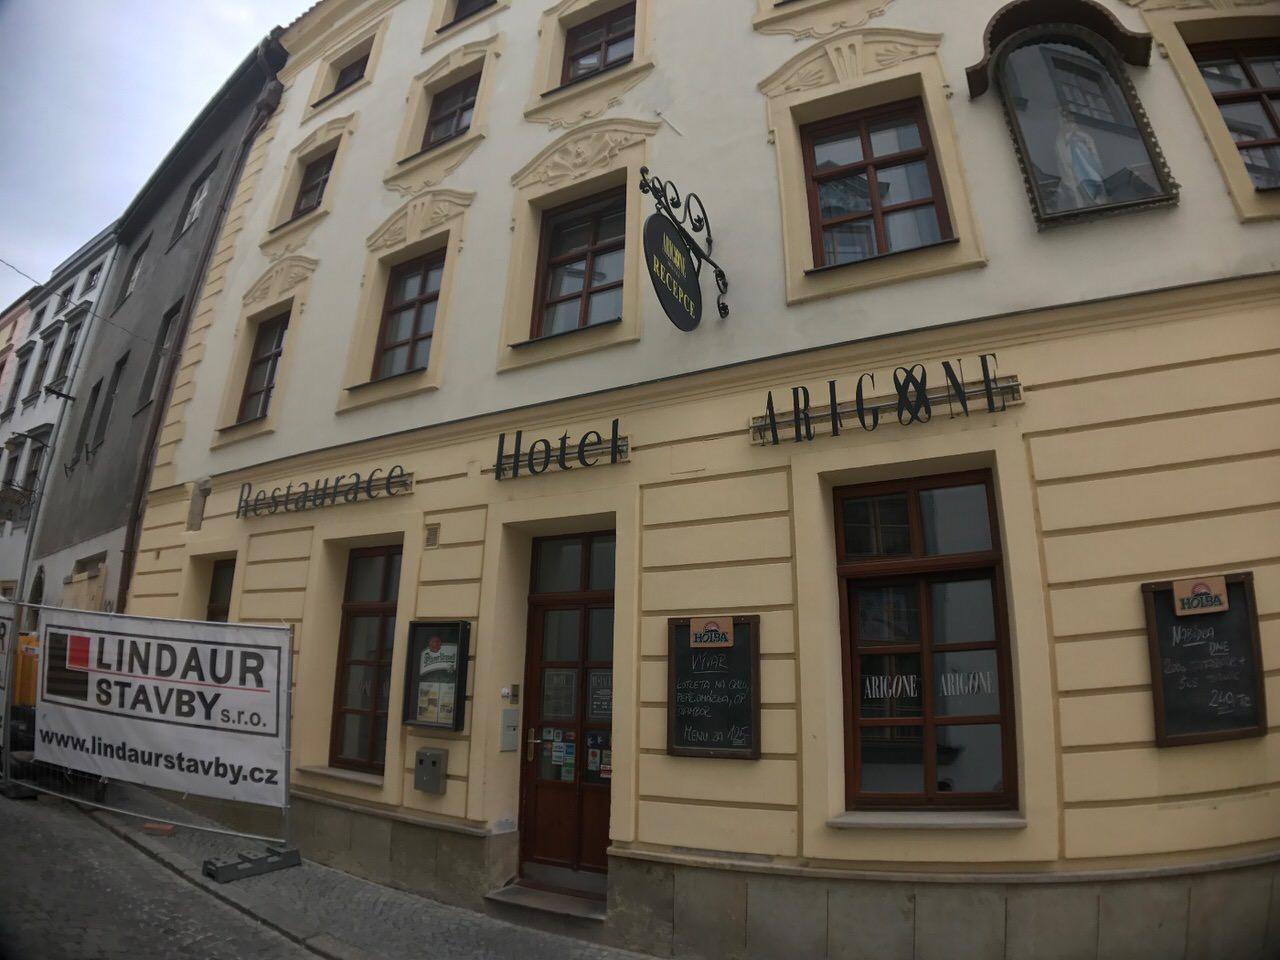 「アリゴネホテル(ARIGONE Hotel)」オロモウツのホテル #チェコへ行こう #visitCzech